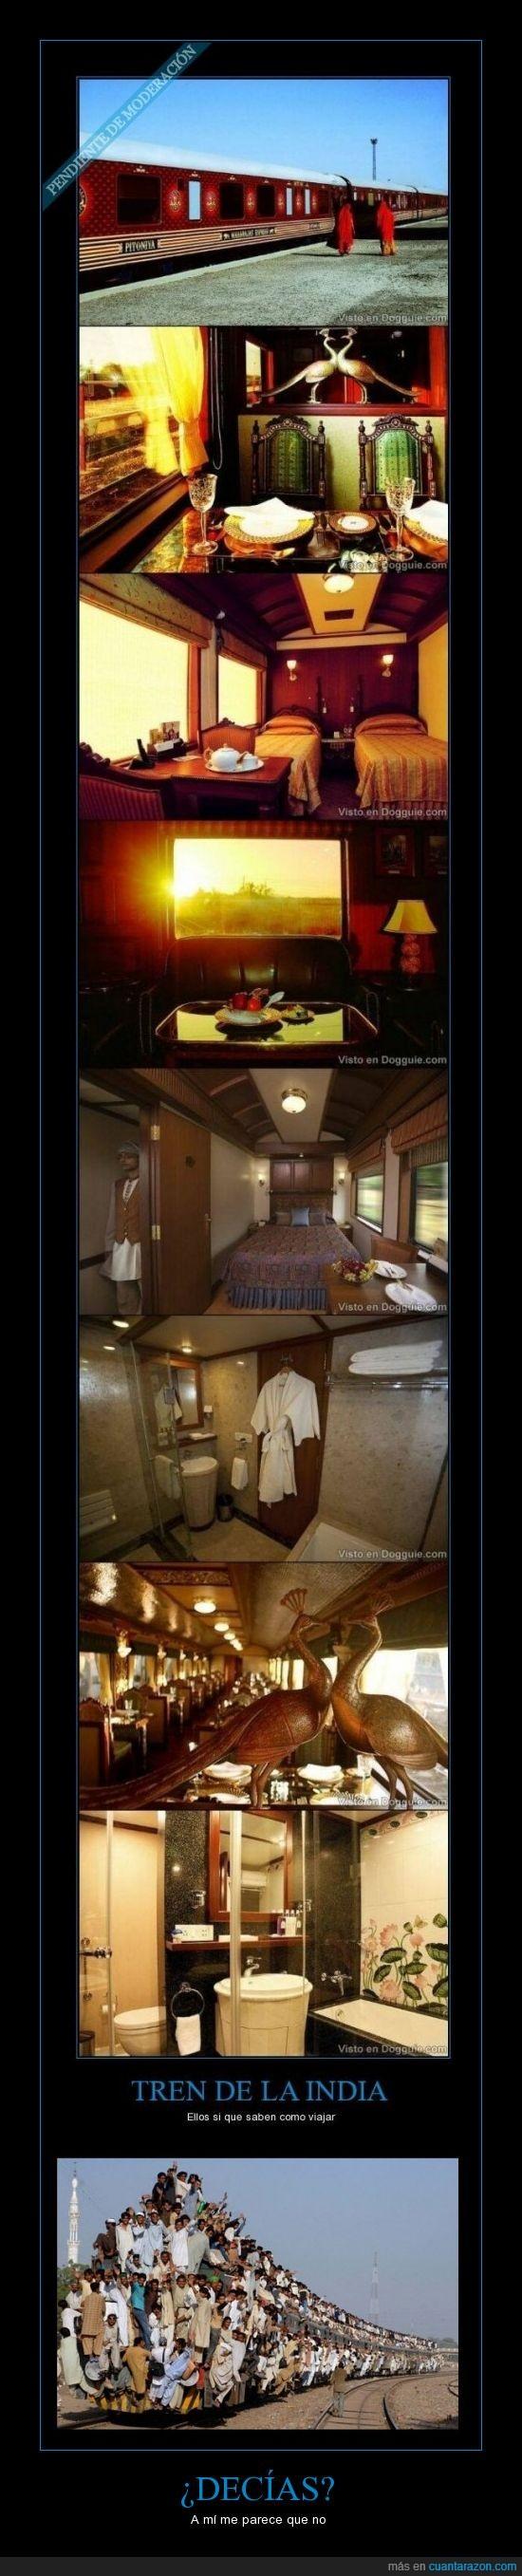 comodidad,india,no,tren,viajar